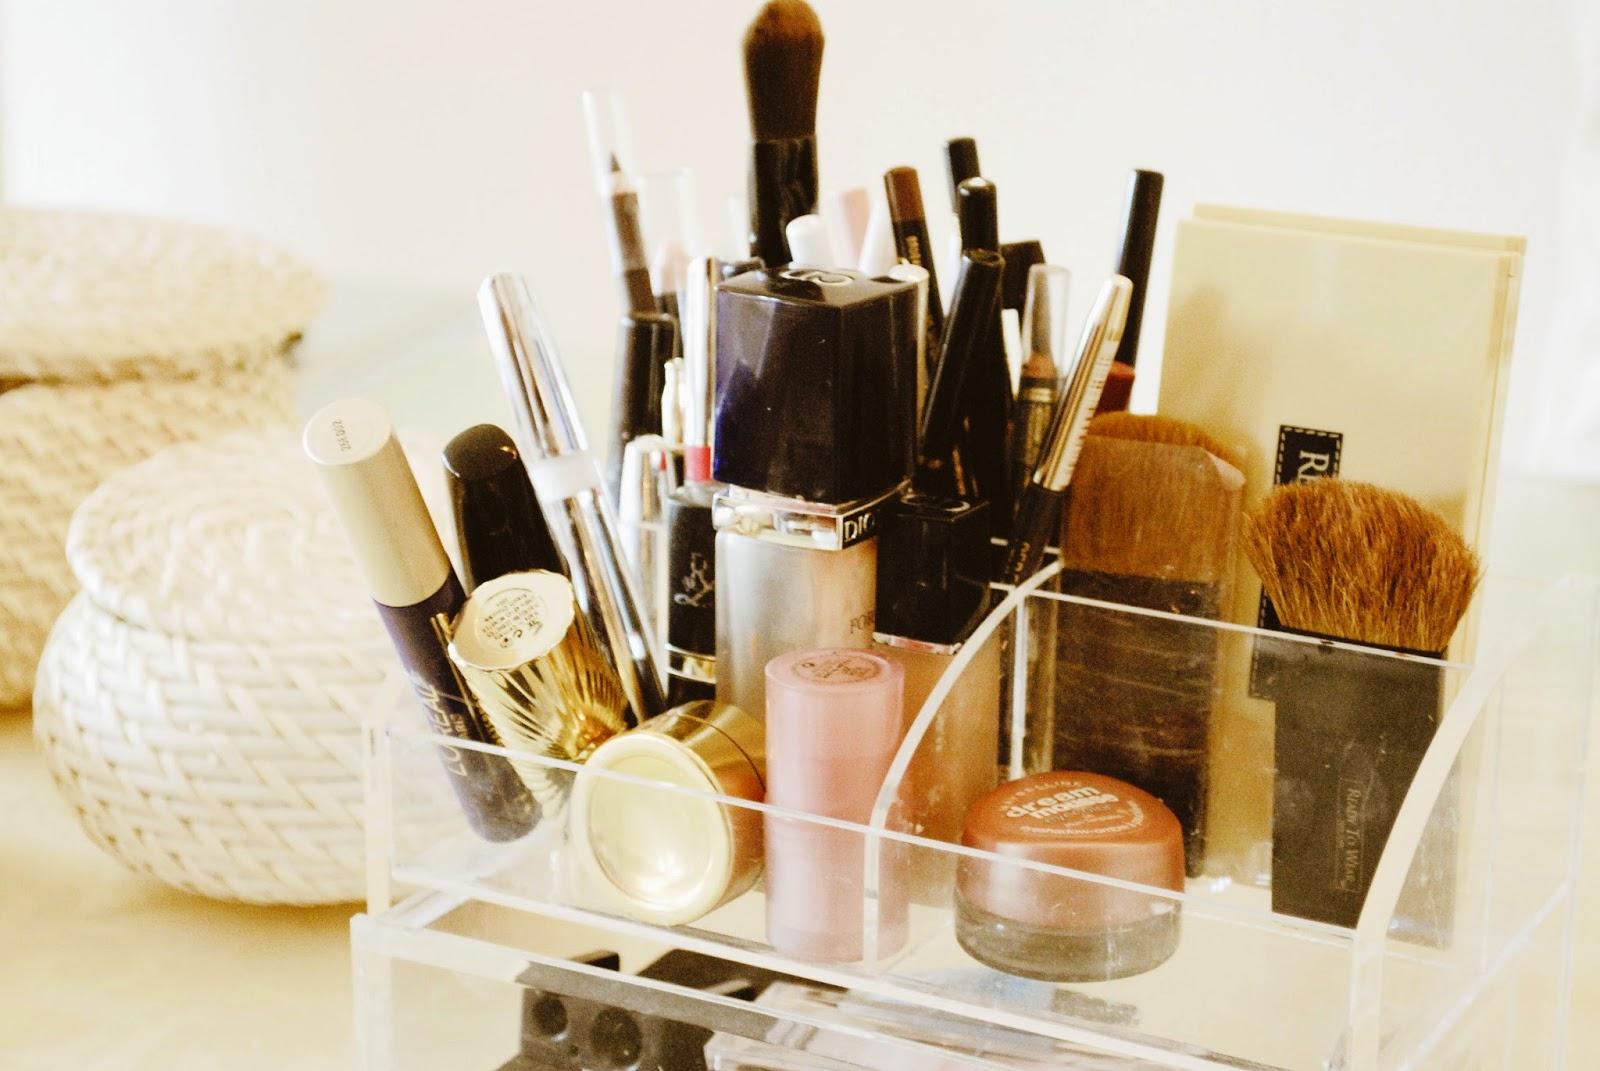 31 tage ordnung im haushalt challenge im bad cremes lippenstiften etc aussortieren. Black Bedroom Furniture Sets. Home Design Ideas